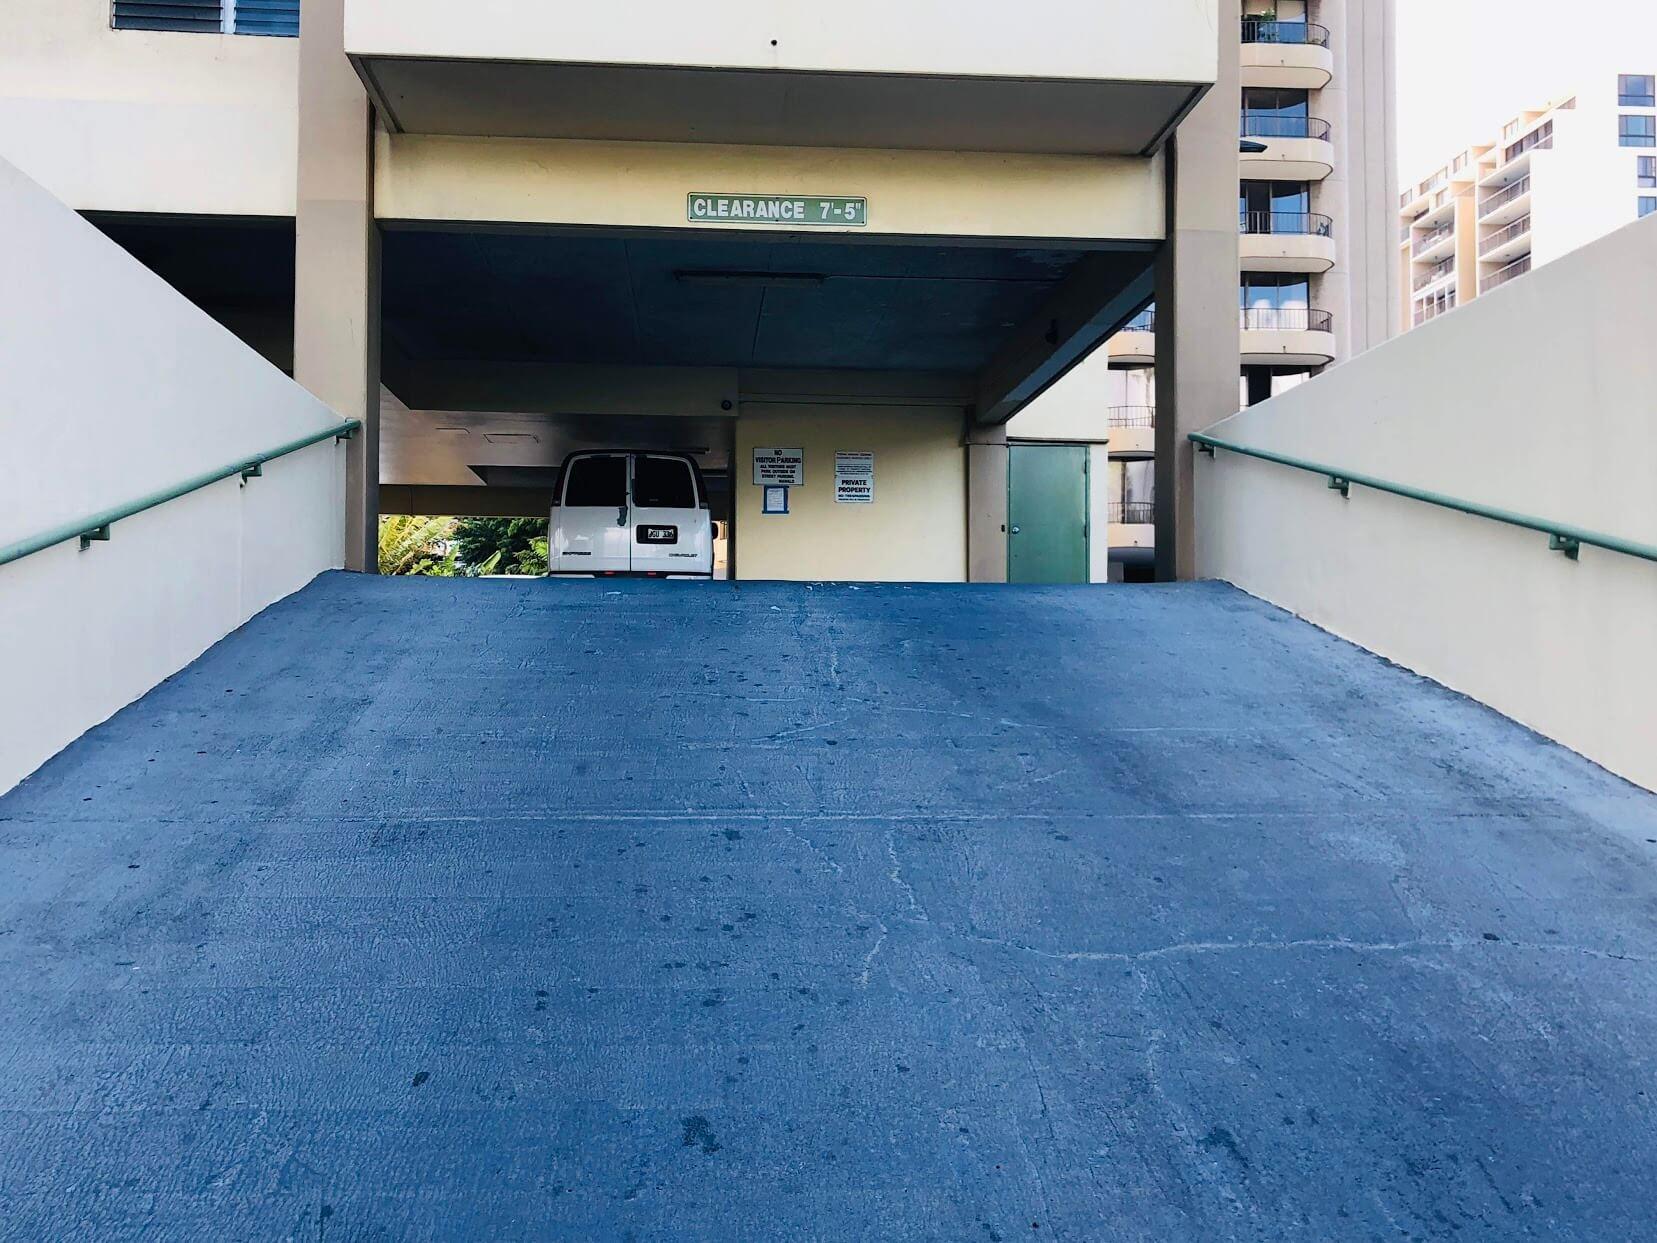 Kealaniの駐車場